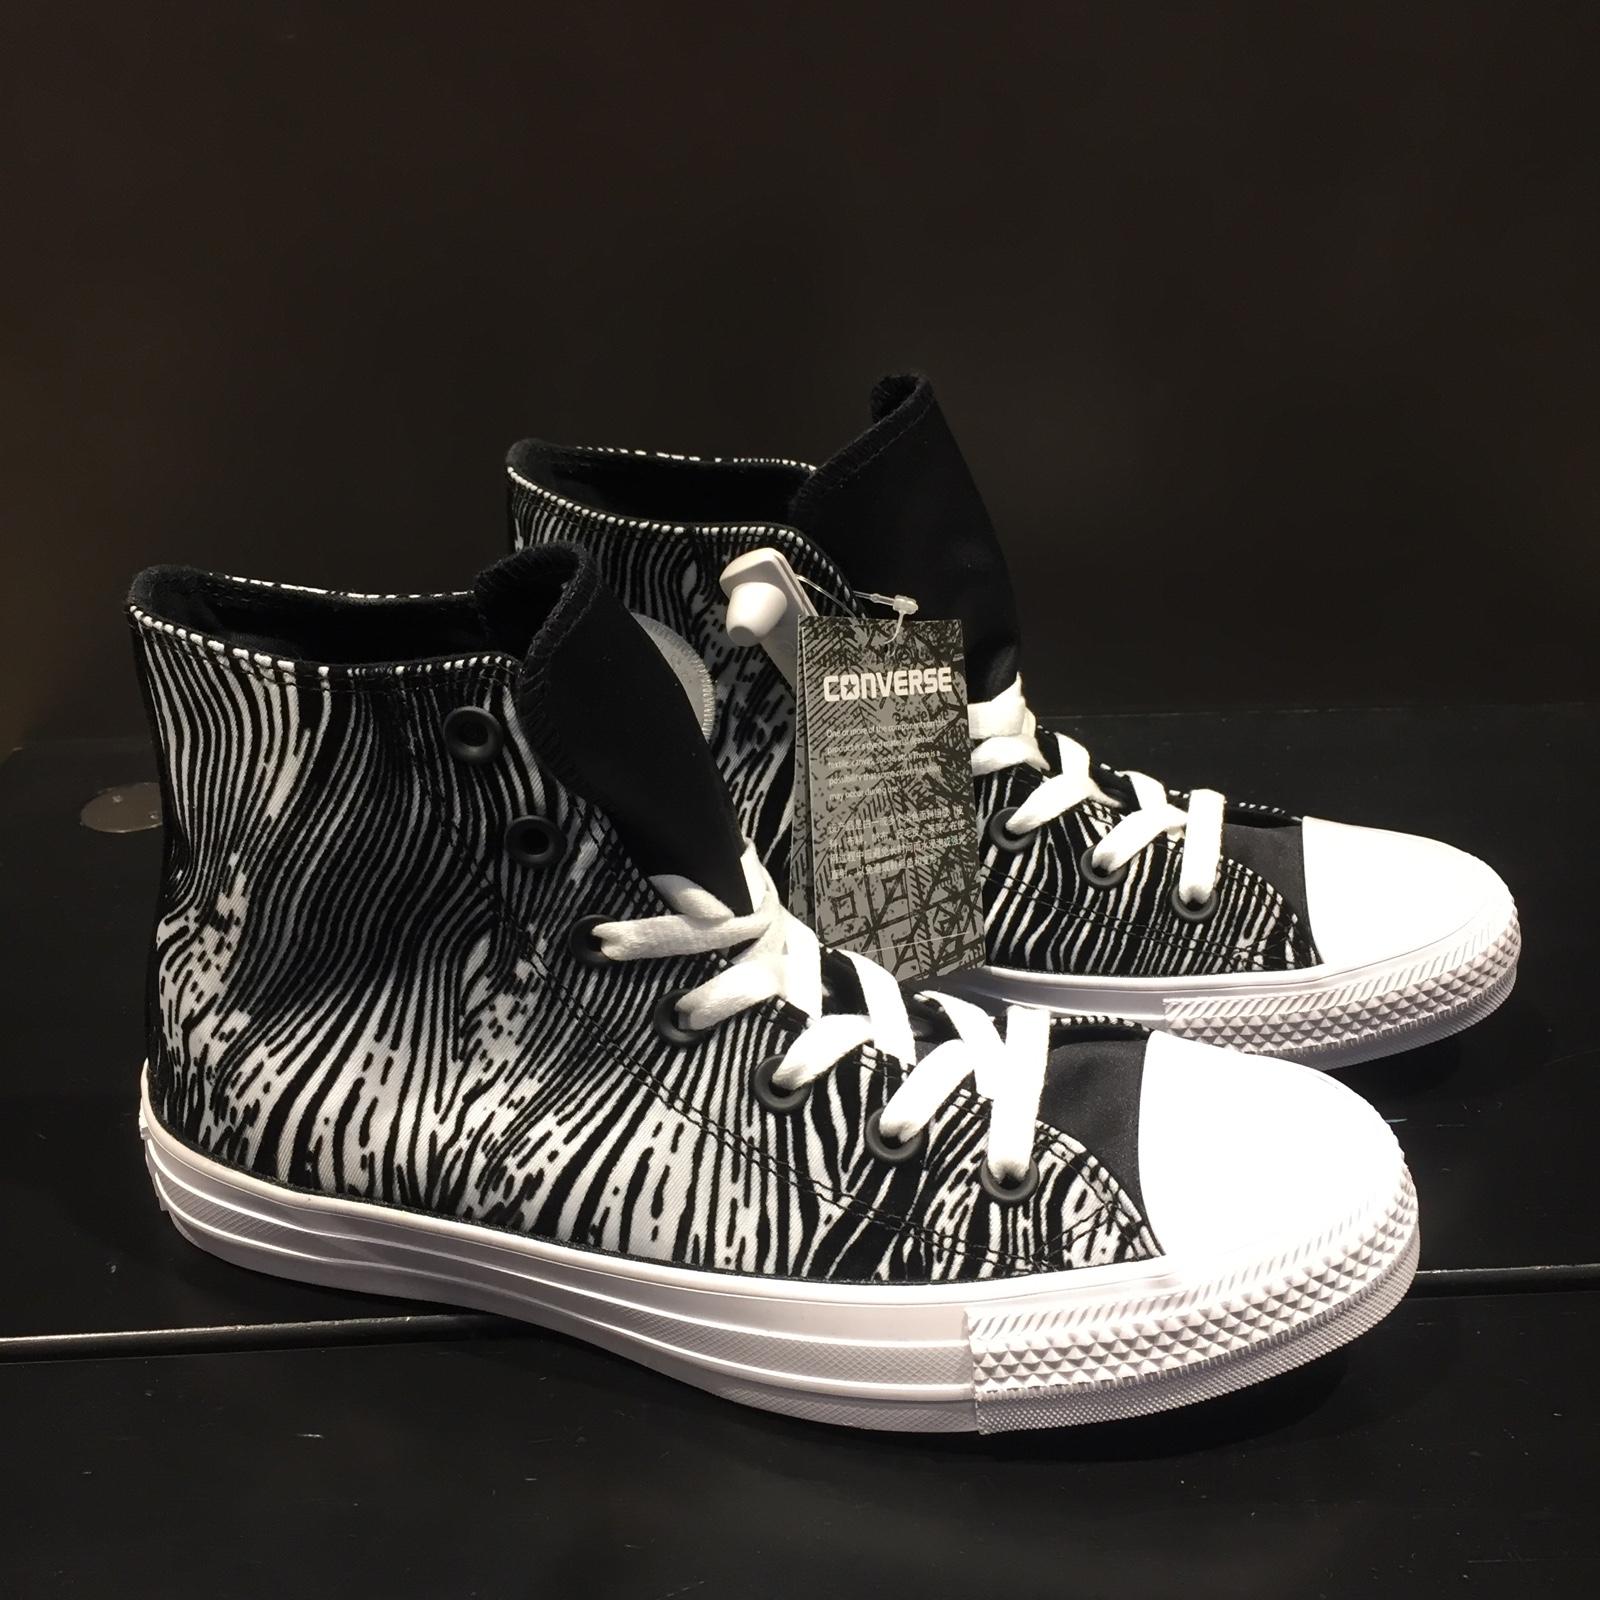 匡威新款帆布鞋 Converse匡威女鞋2018新款学生高帮透气休闲帆布鞋557942C_推荐淘宝好看的女匡威新款帆布鞋